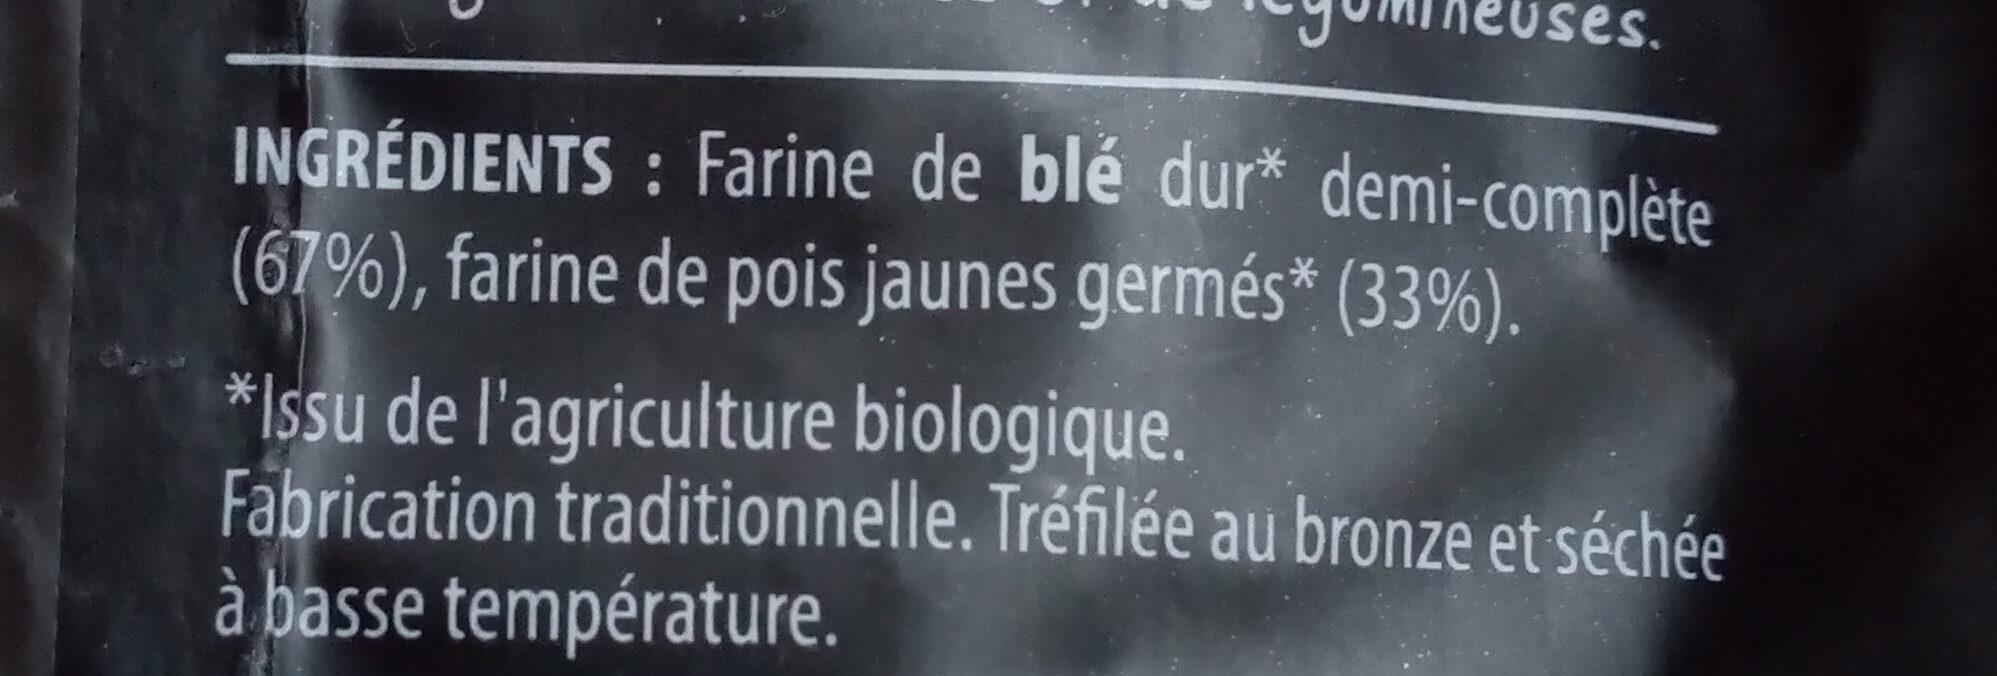 Pastagerm' aux pois jaunes germés - Ingrédients - fr